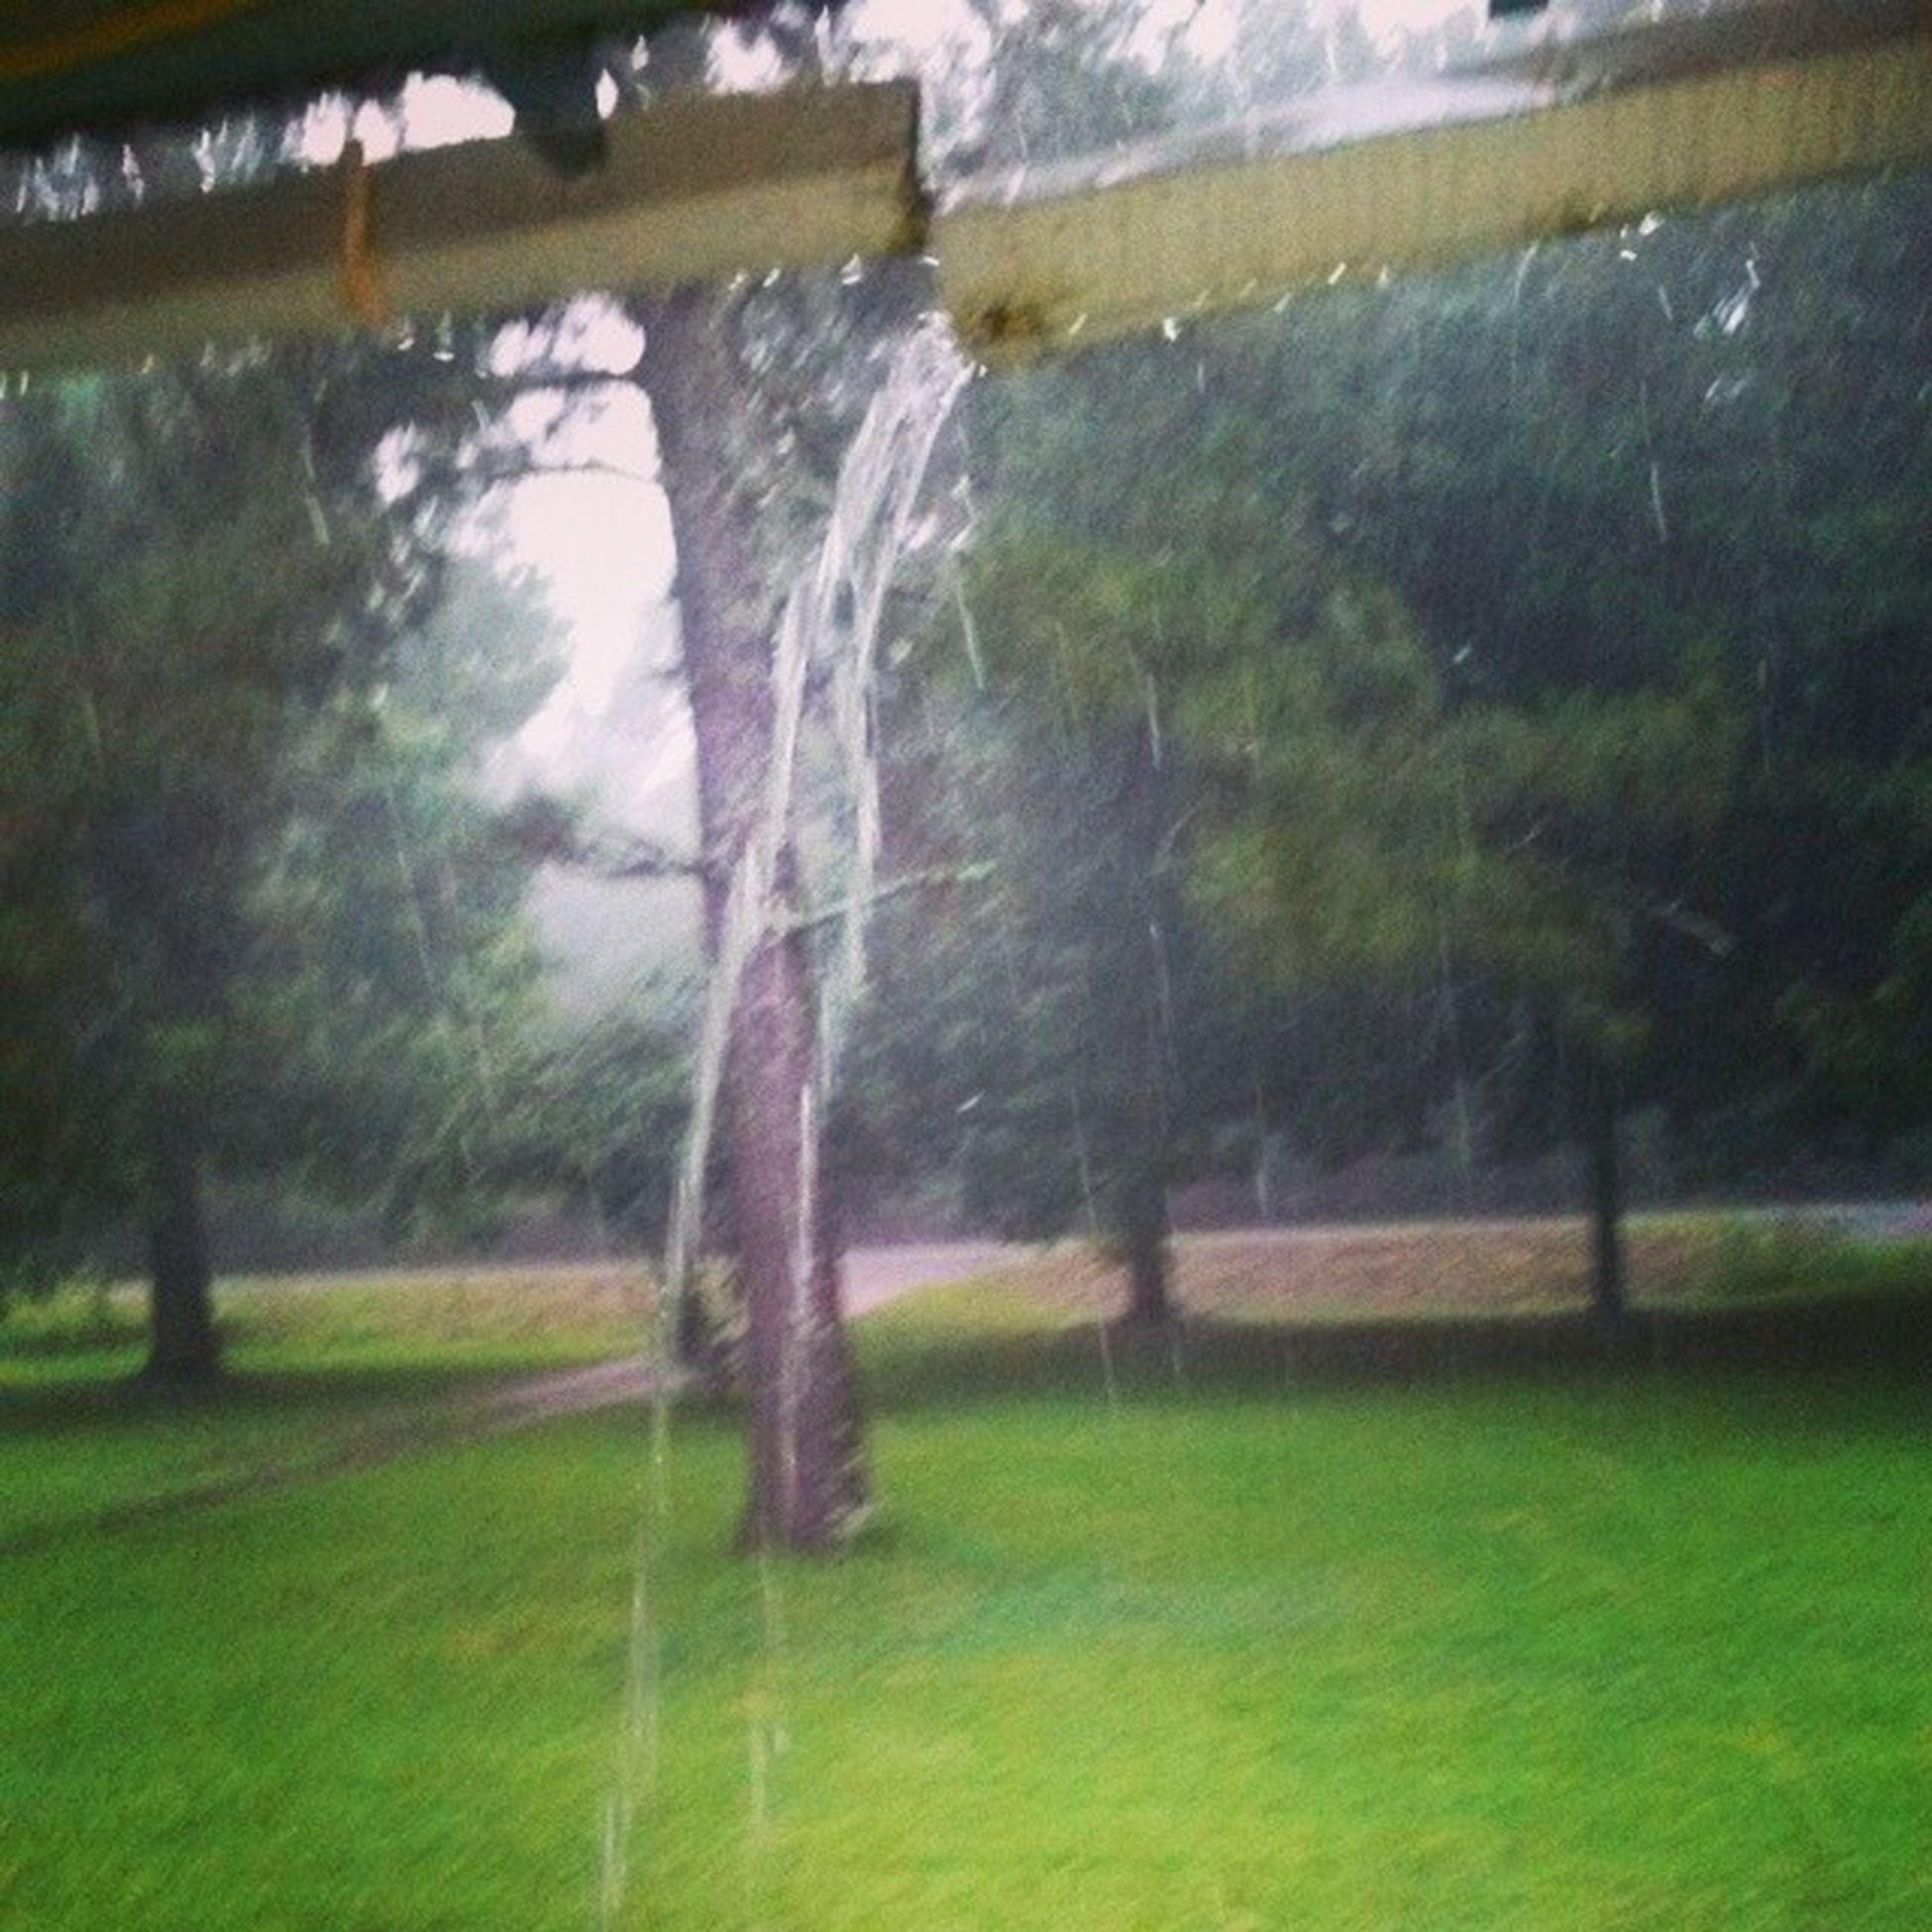 The rain is breaking things. Tisk Tisk* Rain Nature Kindascared Broken gutter Idk